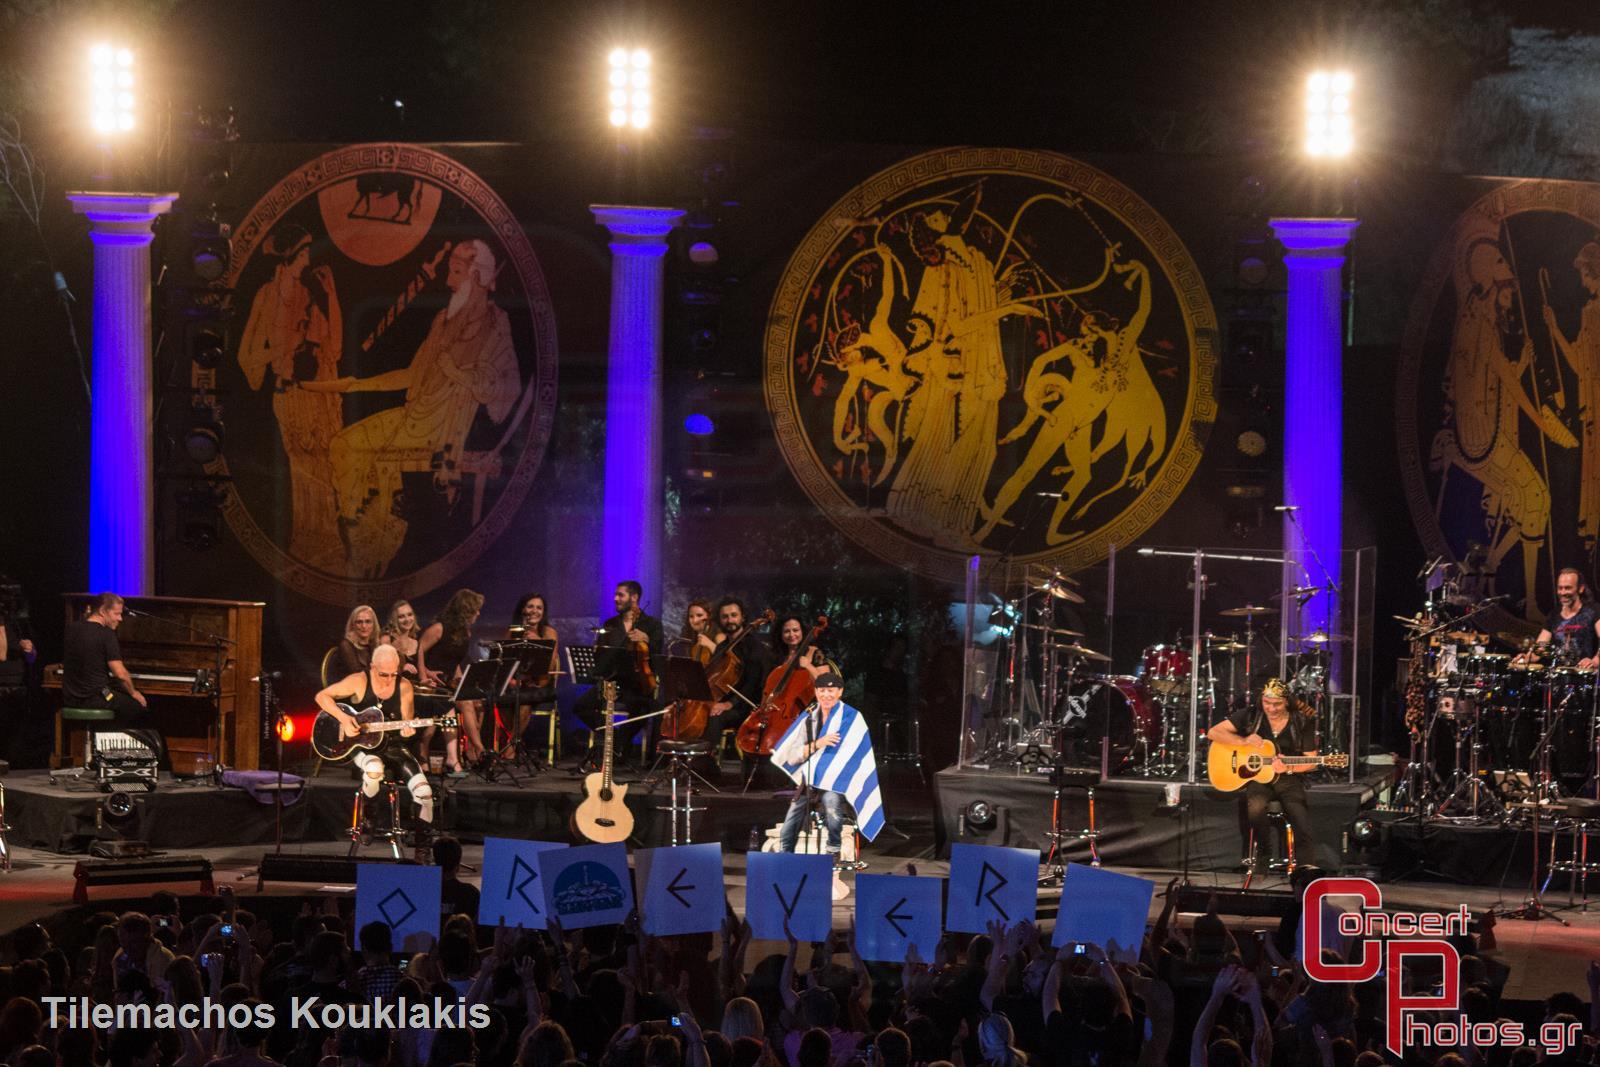 Scorpions-Scorpions photographer: Tilemachos Kouklakis - concertphotos_-7001